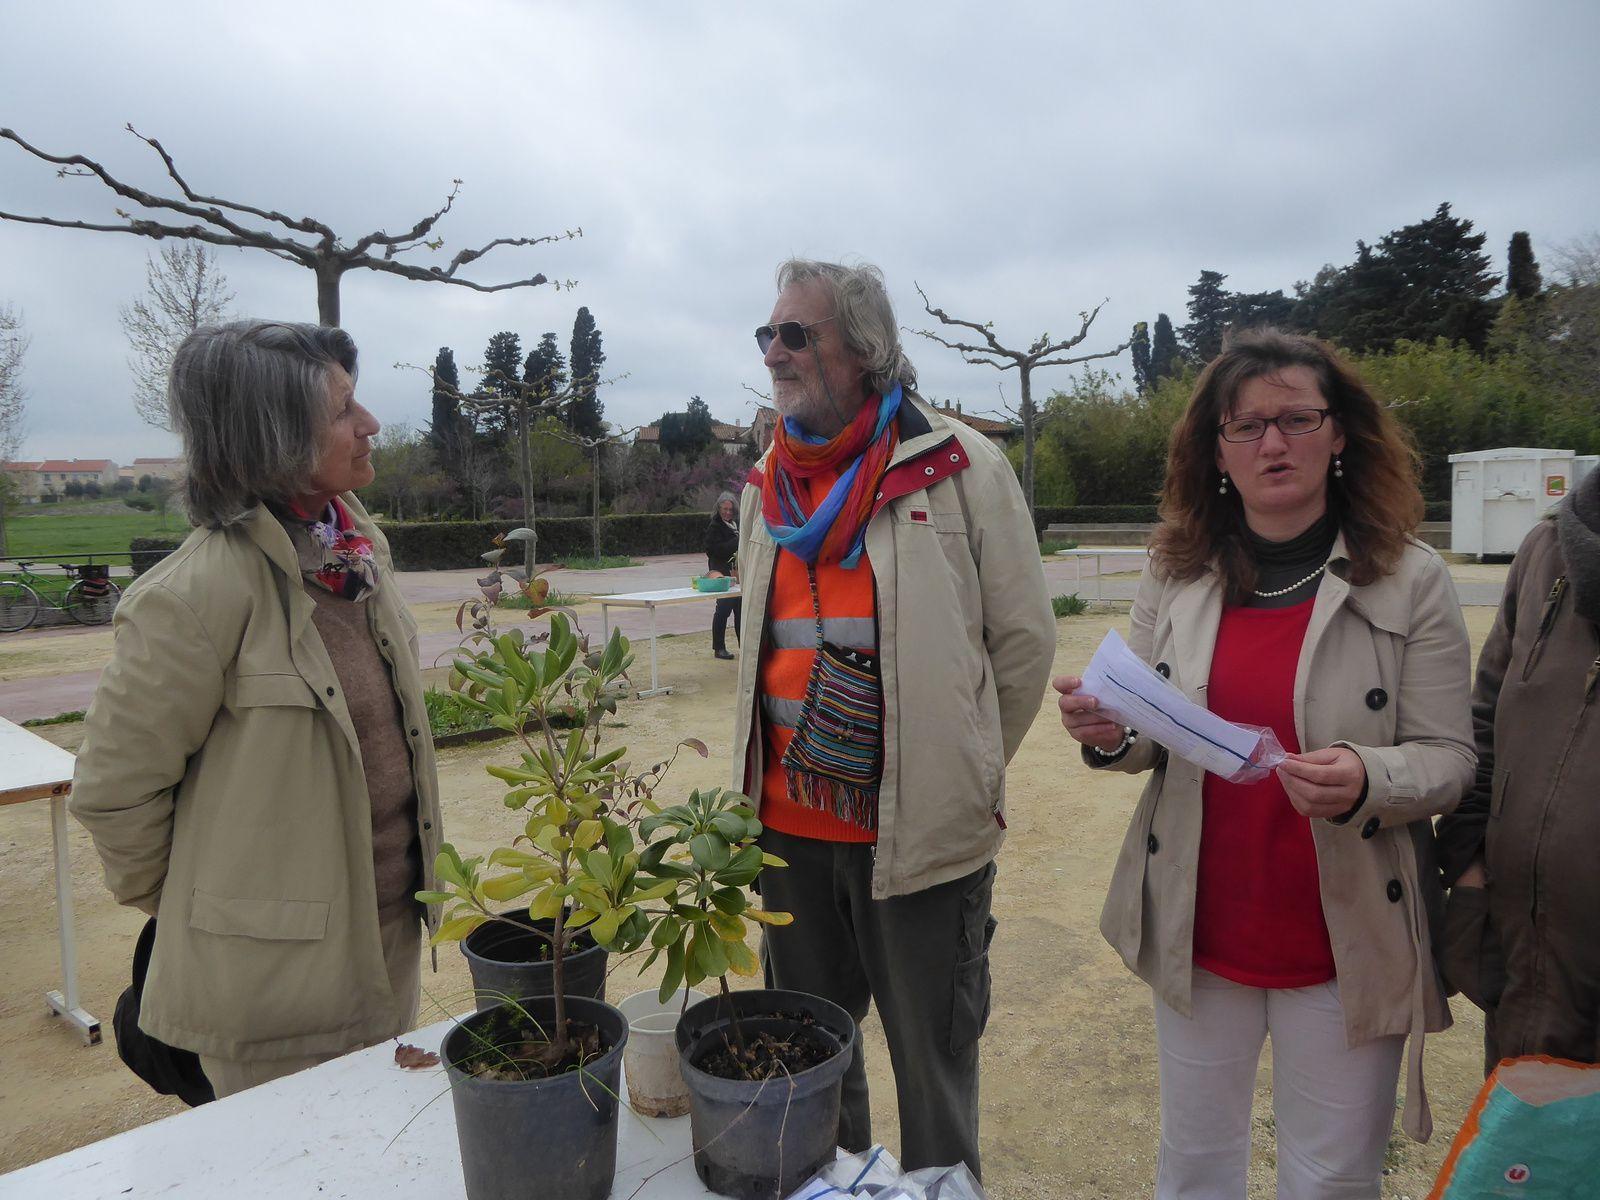 troc de graines et plantes au parc sant vicens à Perpignan 2016